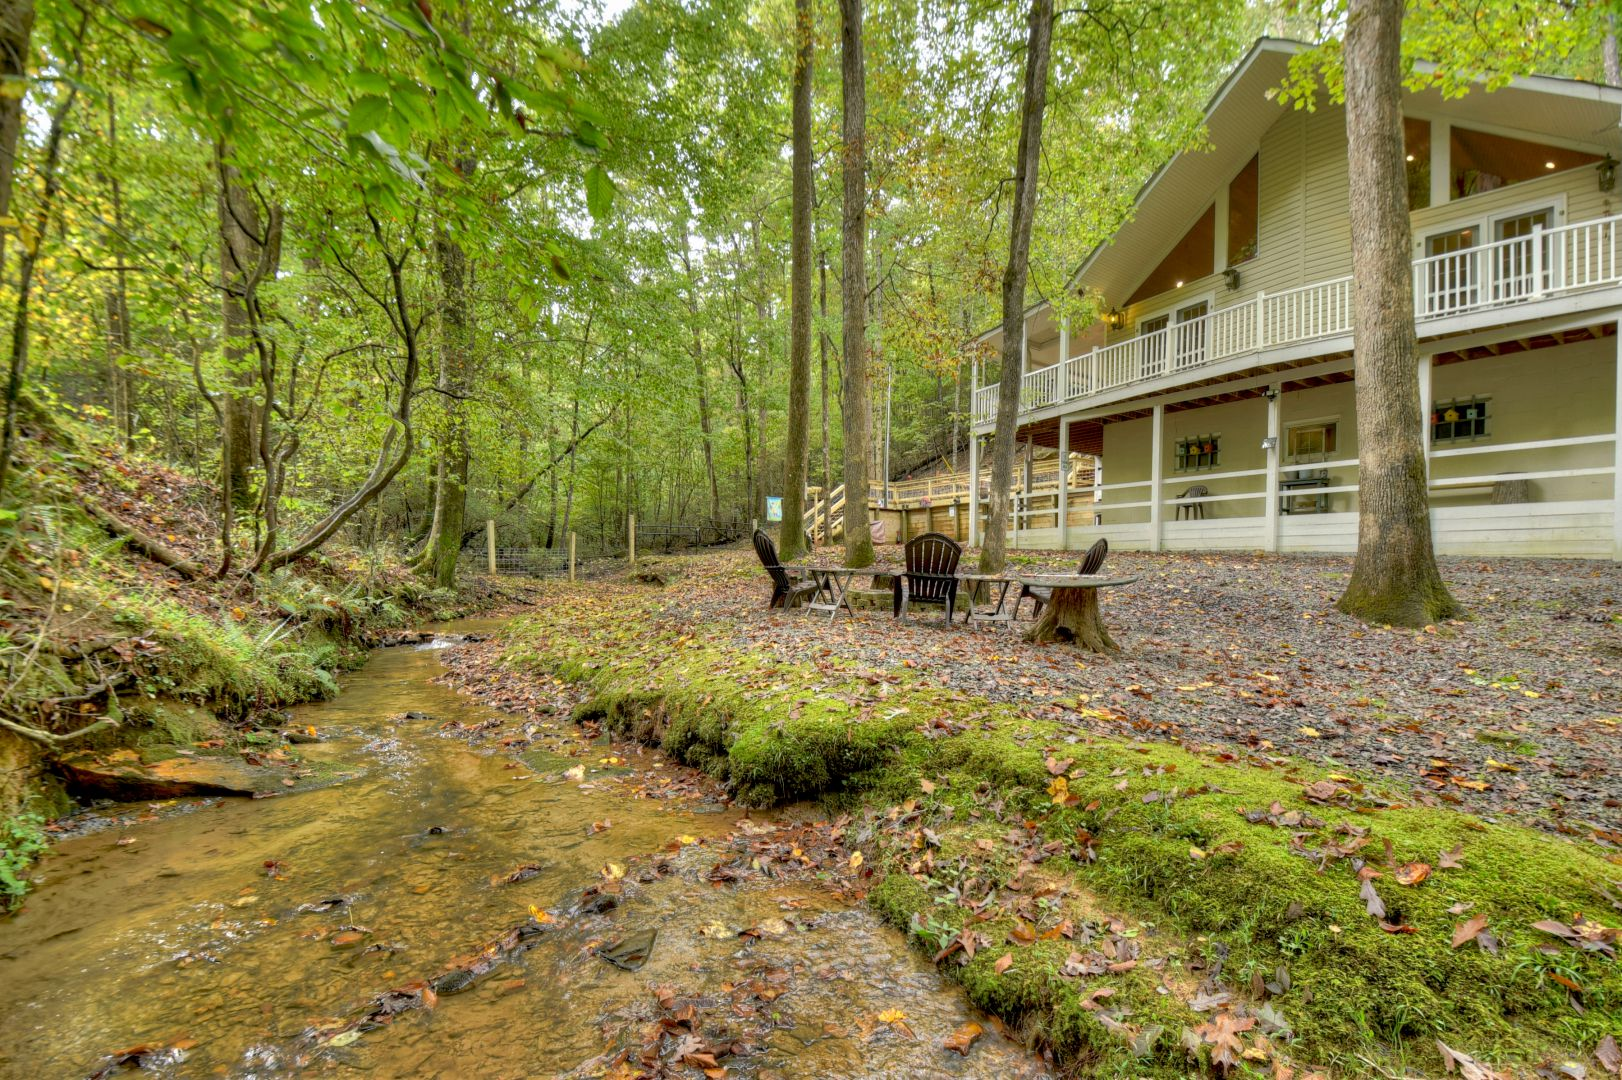 Fern Gully Rental Cabin